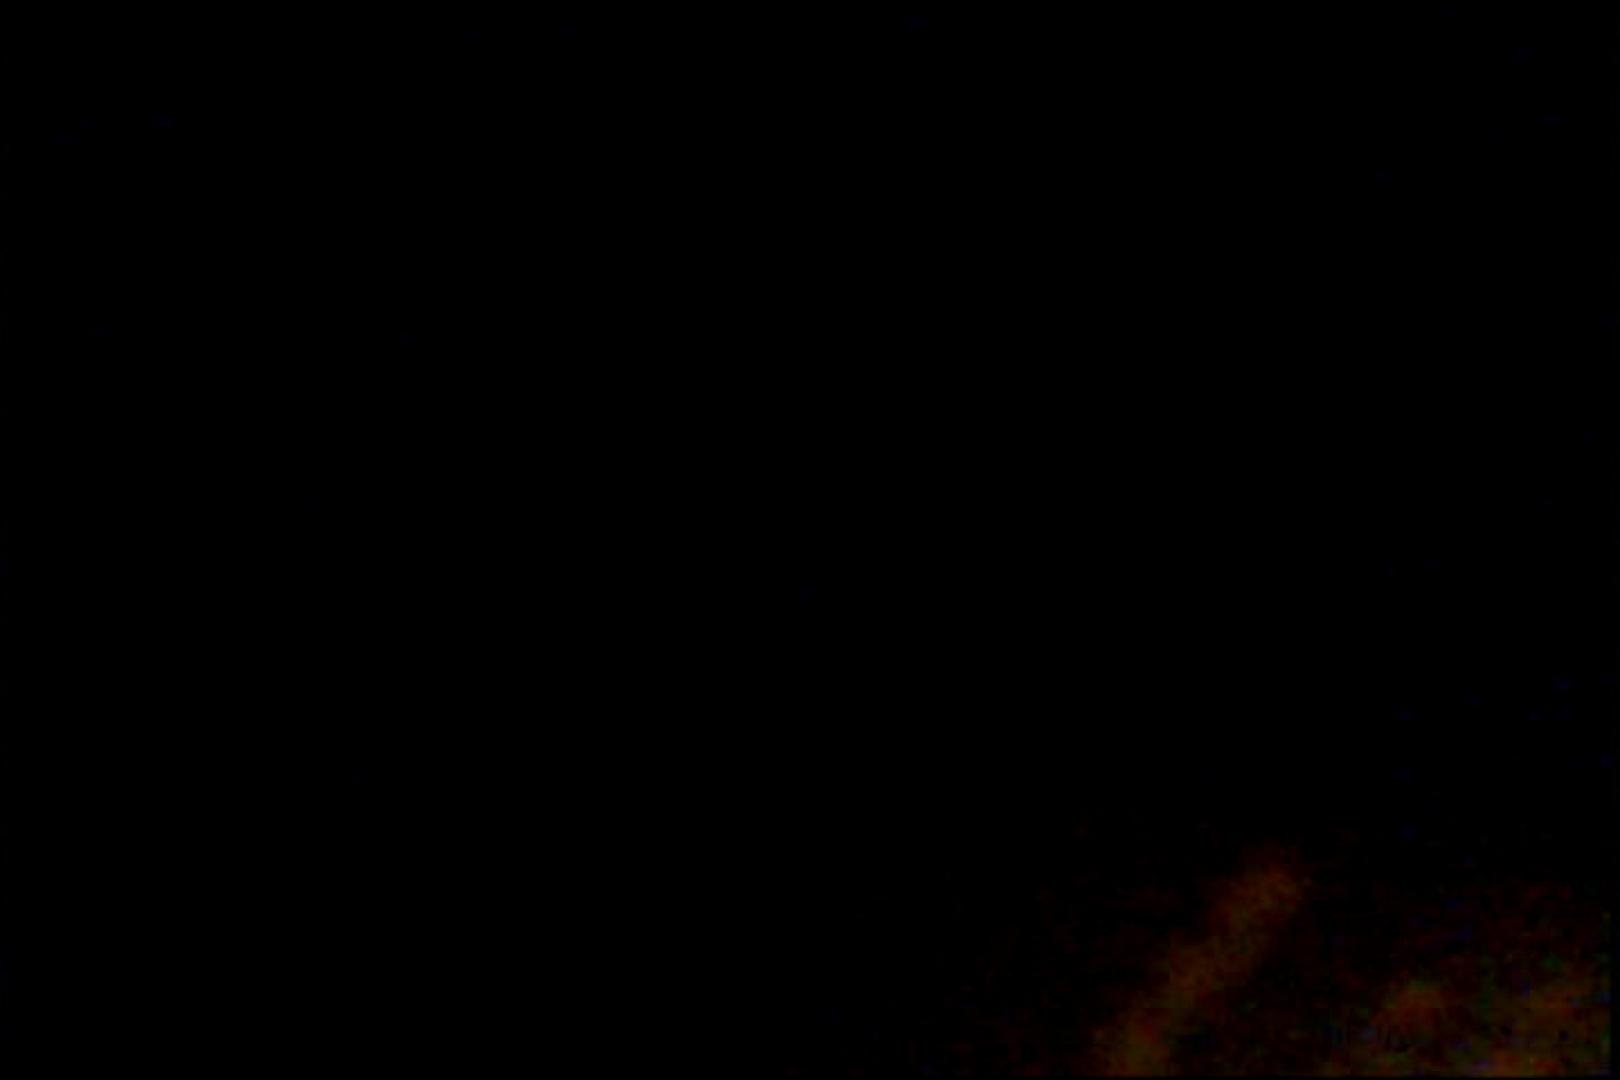 亀さんかわや VIPバージョン! vol.30 潜入 アダルト動画キャプチャ 79PIX 52